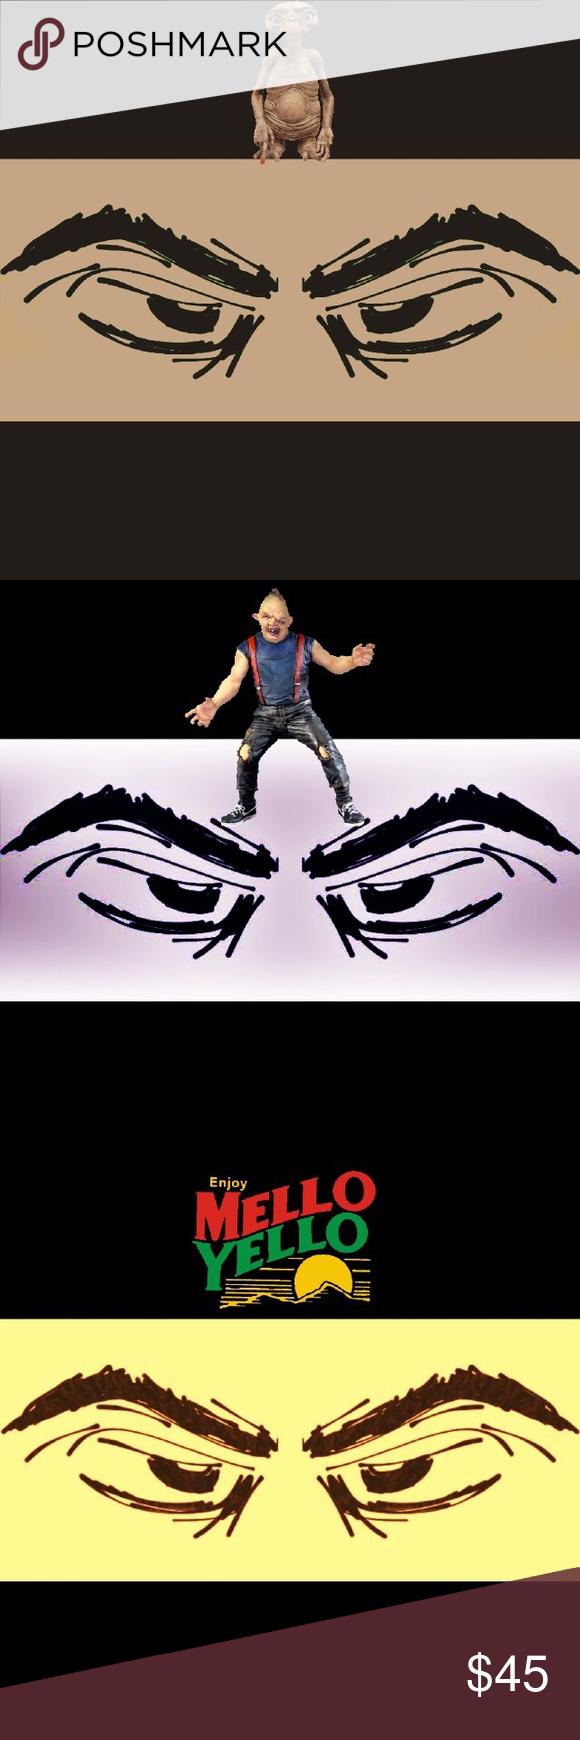 Evil Eye Art Hoodies Evil Eyes Cartoon Eyes Art Hoodies Available Shirts Sweatshirts Hoodies Evil Eye Art Eye Art Cartoon Eyes